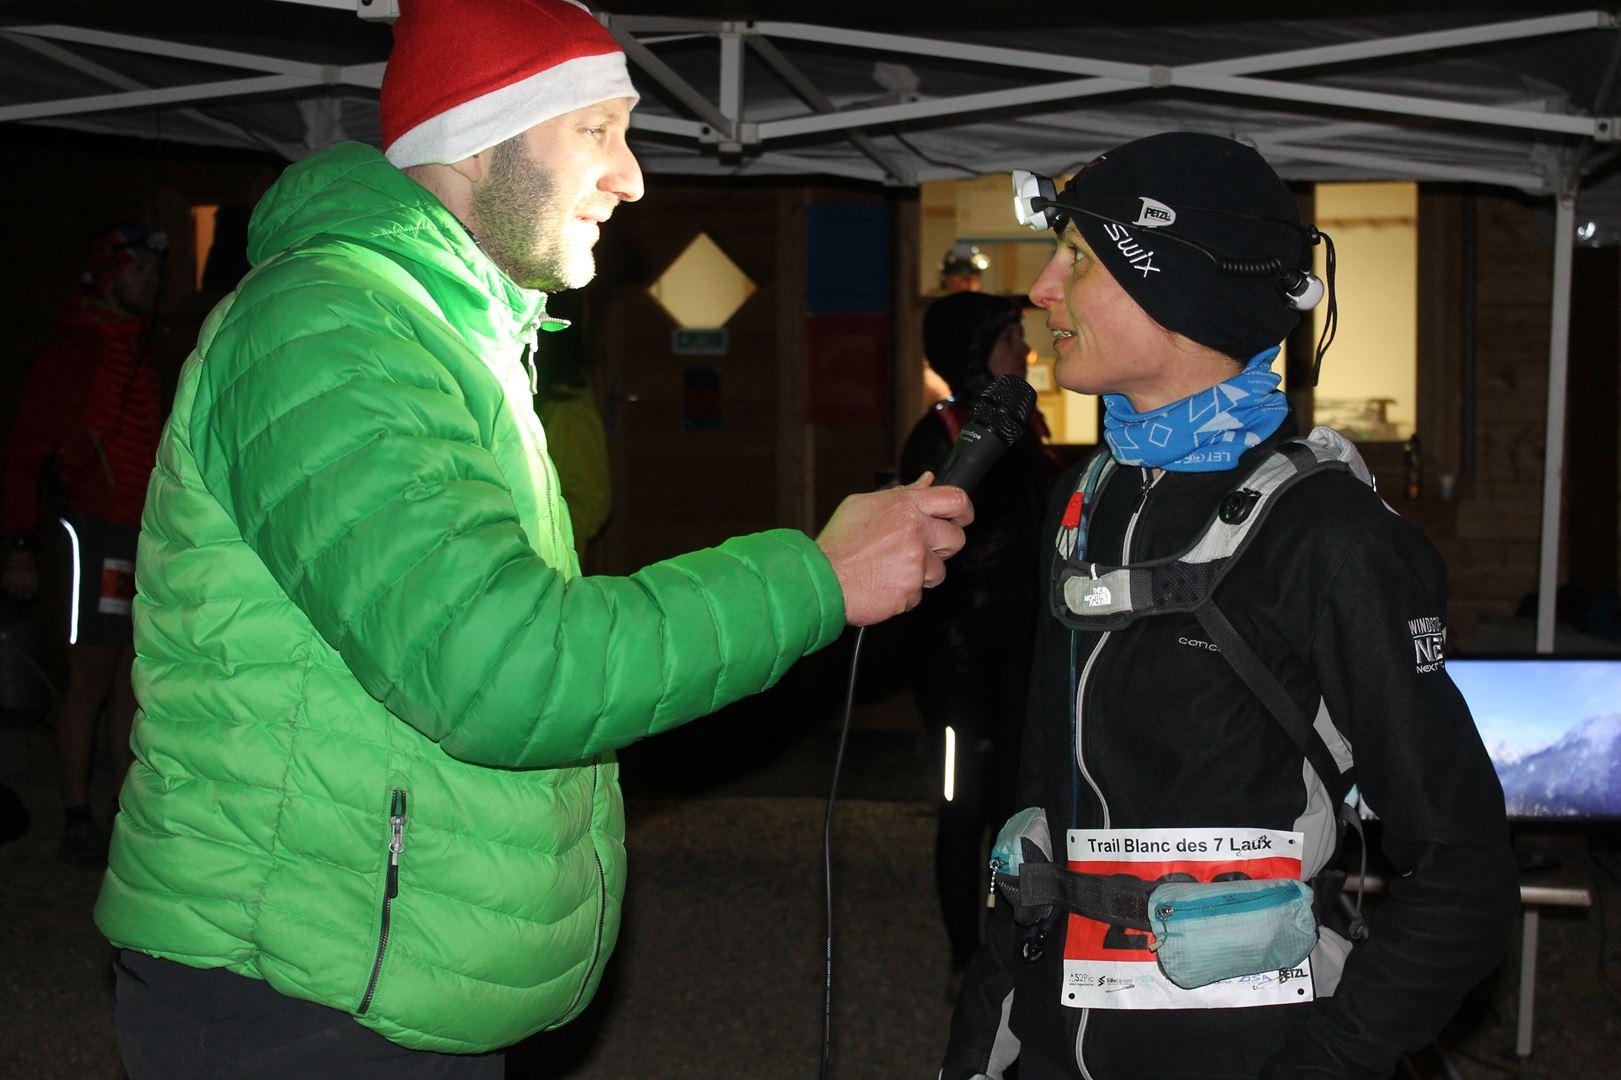 Aurélie Caucale lauréate du 16 km - Trail des 7 Laux 2016 - ©Alex Garin